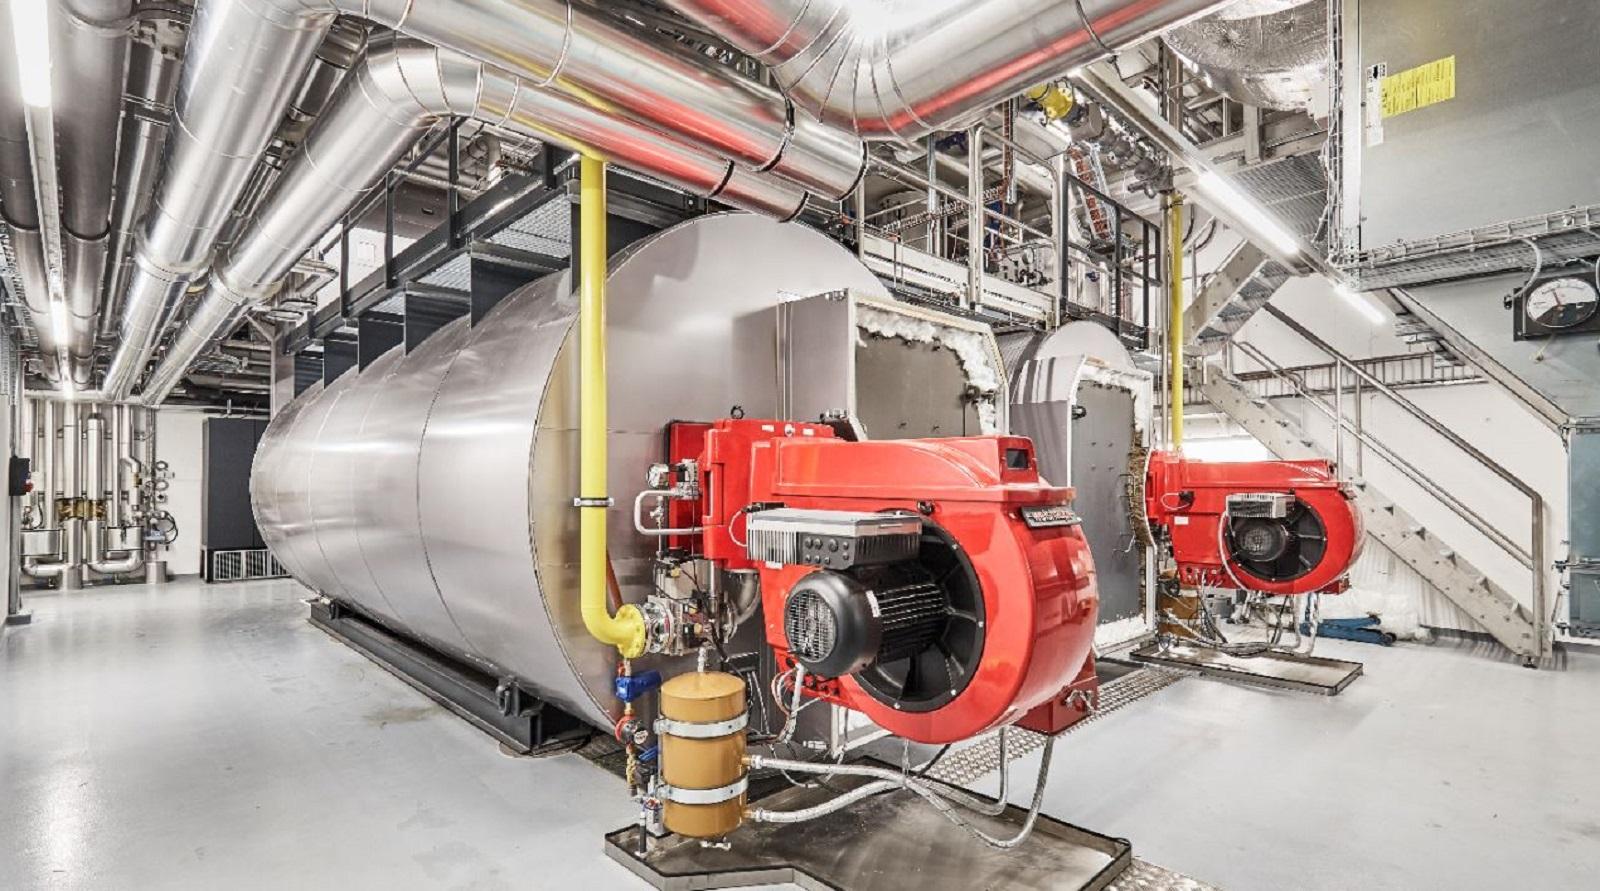 des chaudières à vapeur à haut rendement énergétique sur le site de Berne